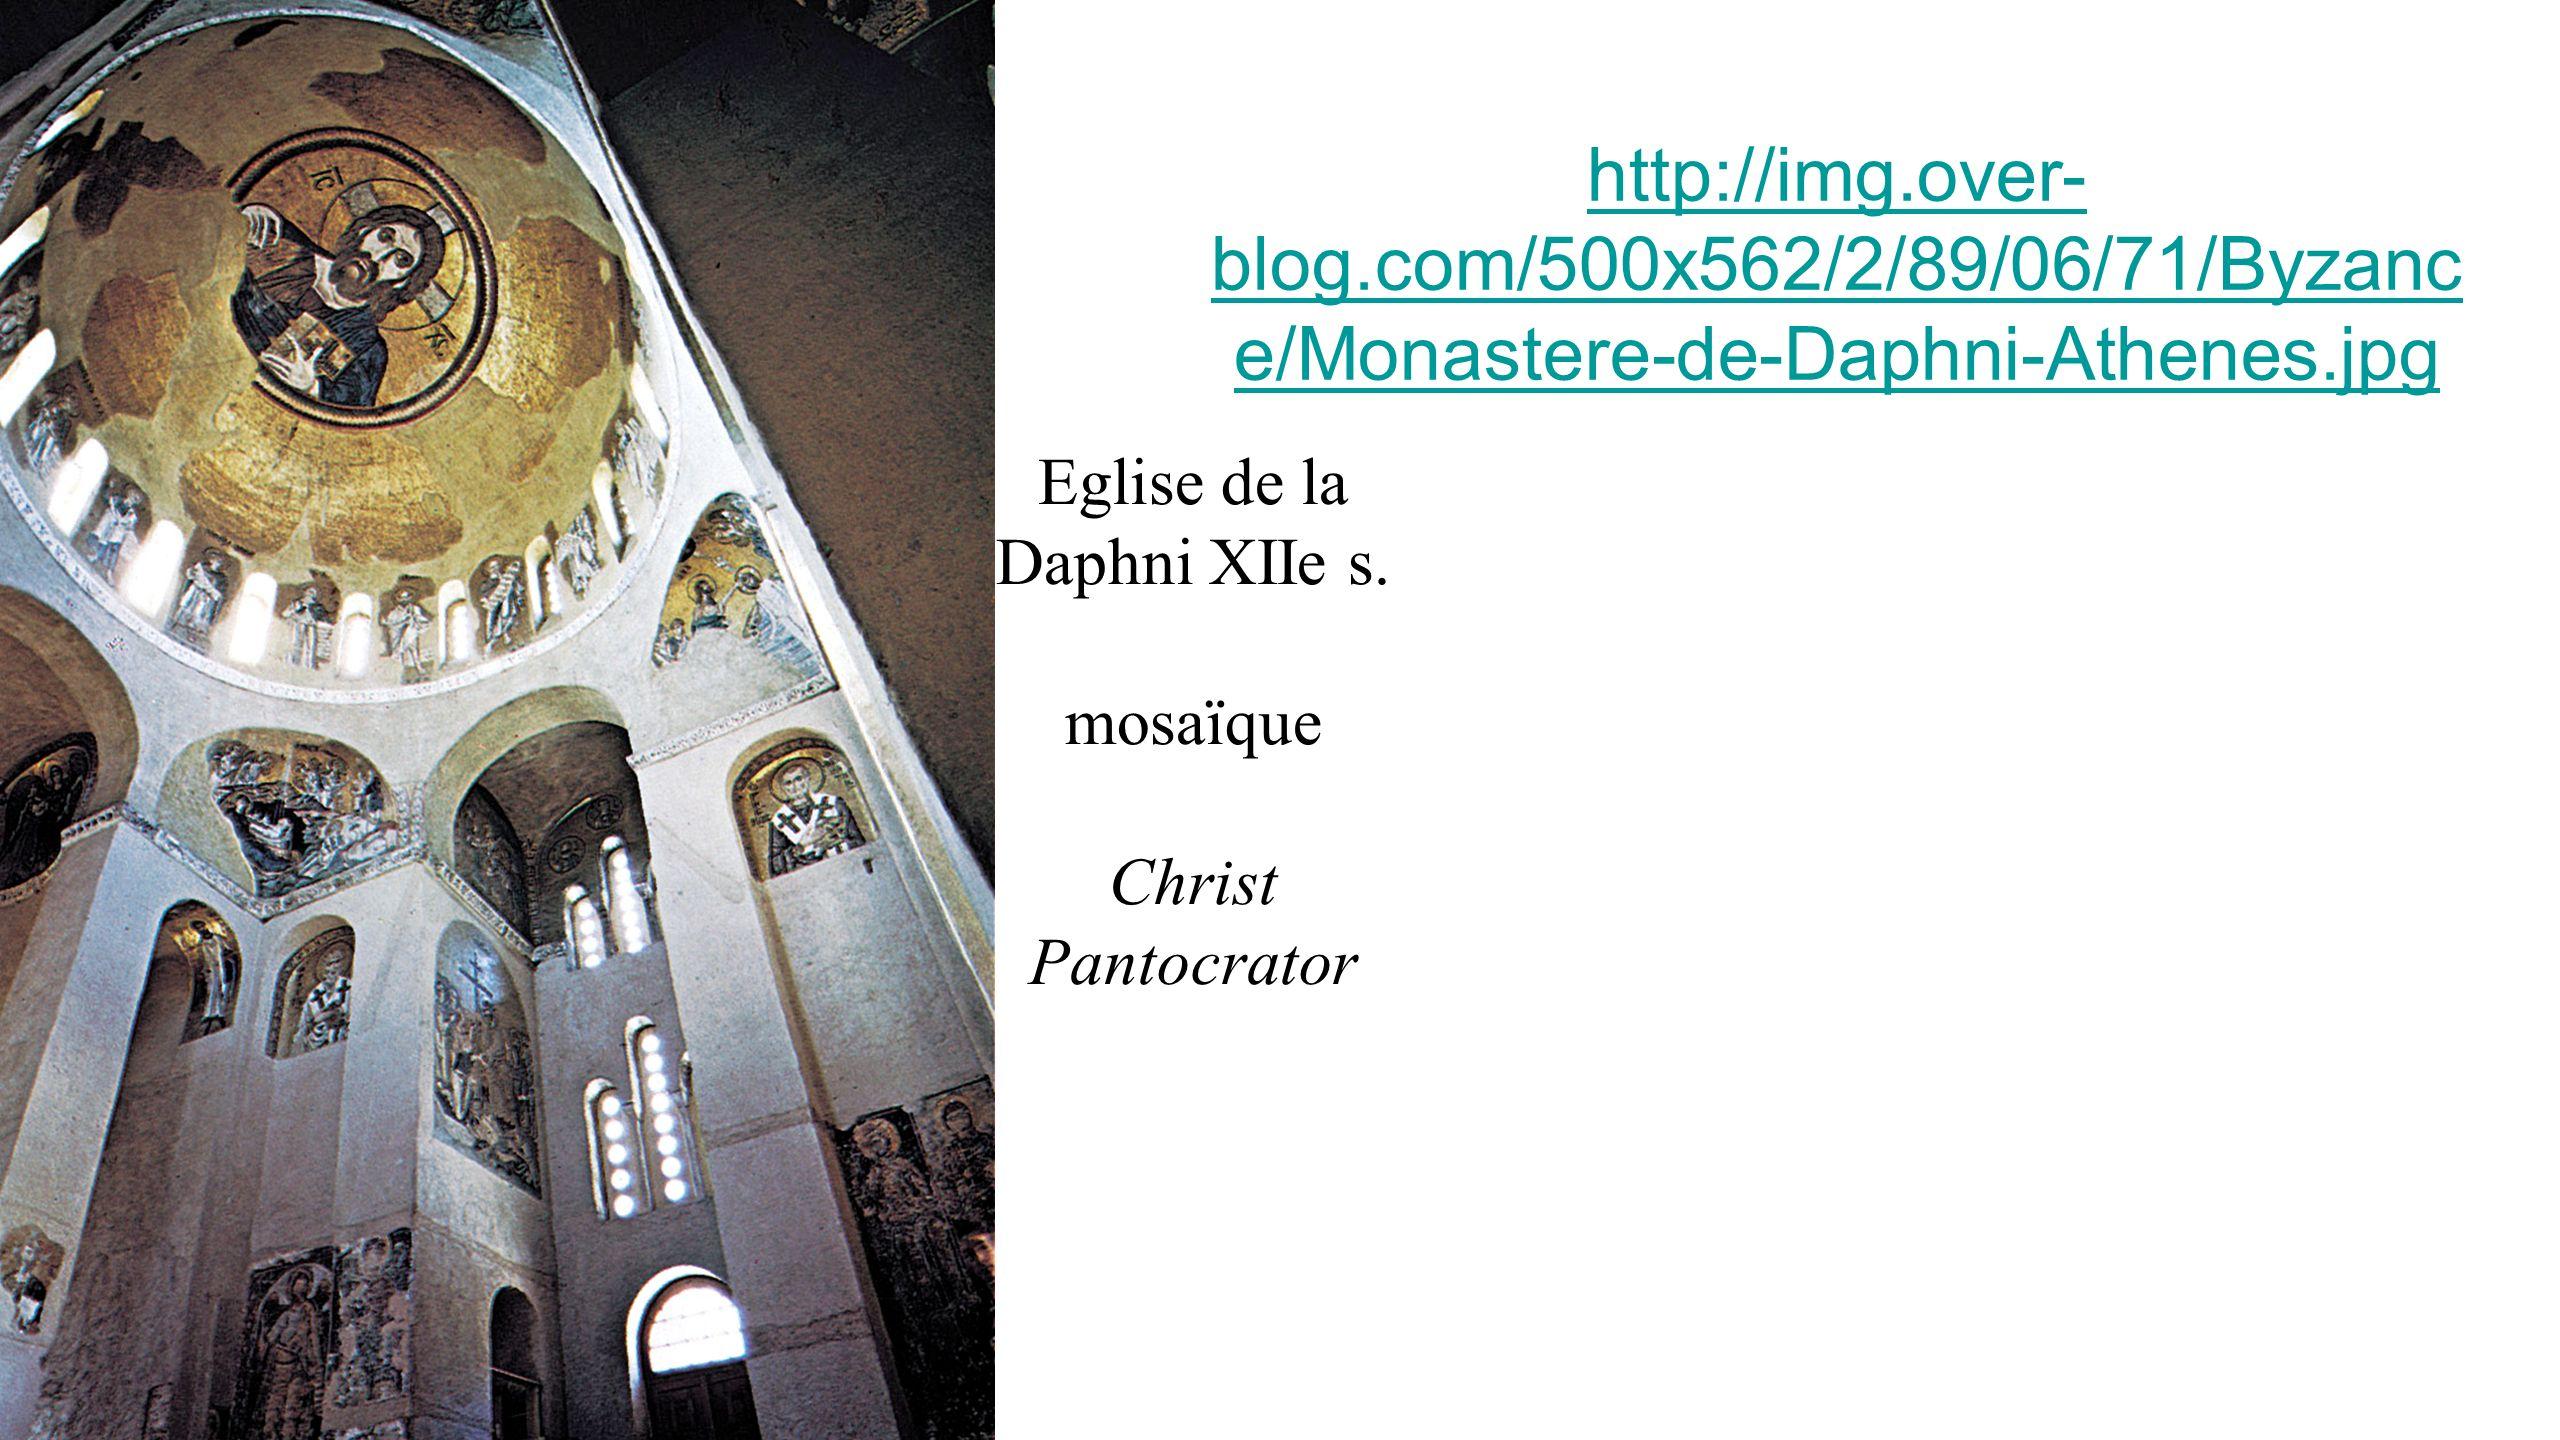 http://img.over-blog.com/500x562/2/89/06/71/Byzance/Monastere-de-Daphni-Athenes.jpg Eglise de la. Daphni XIIe s.